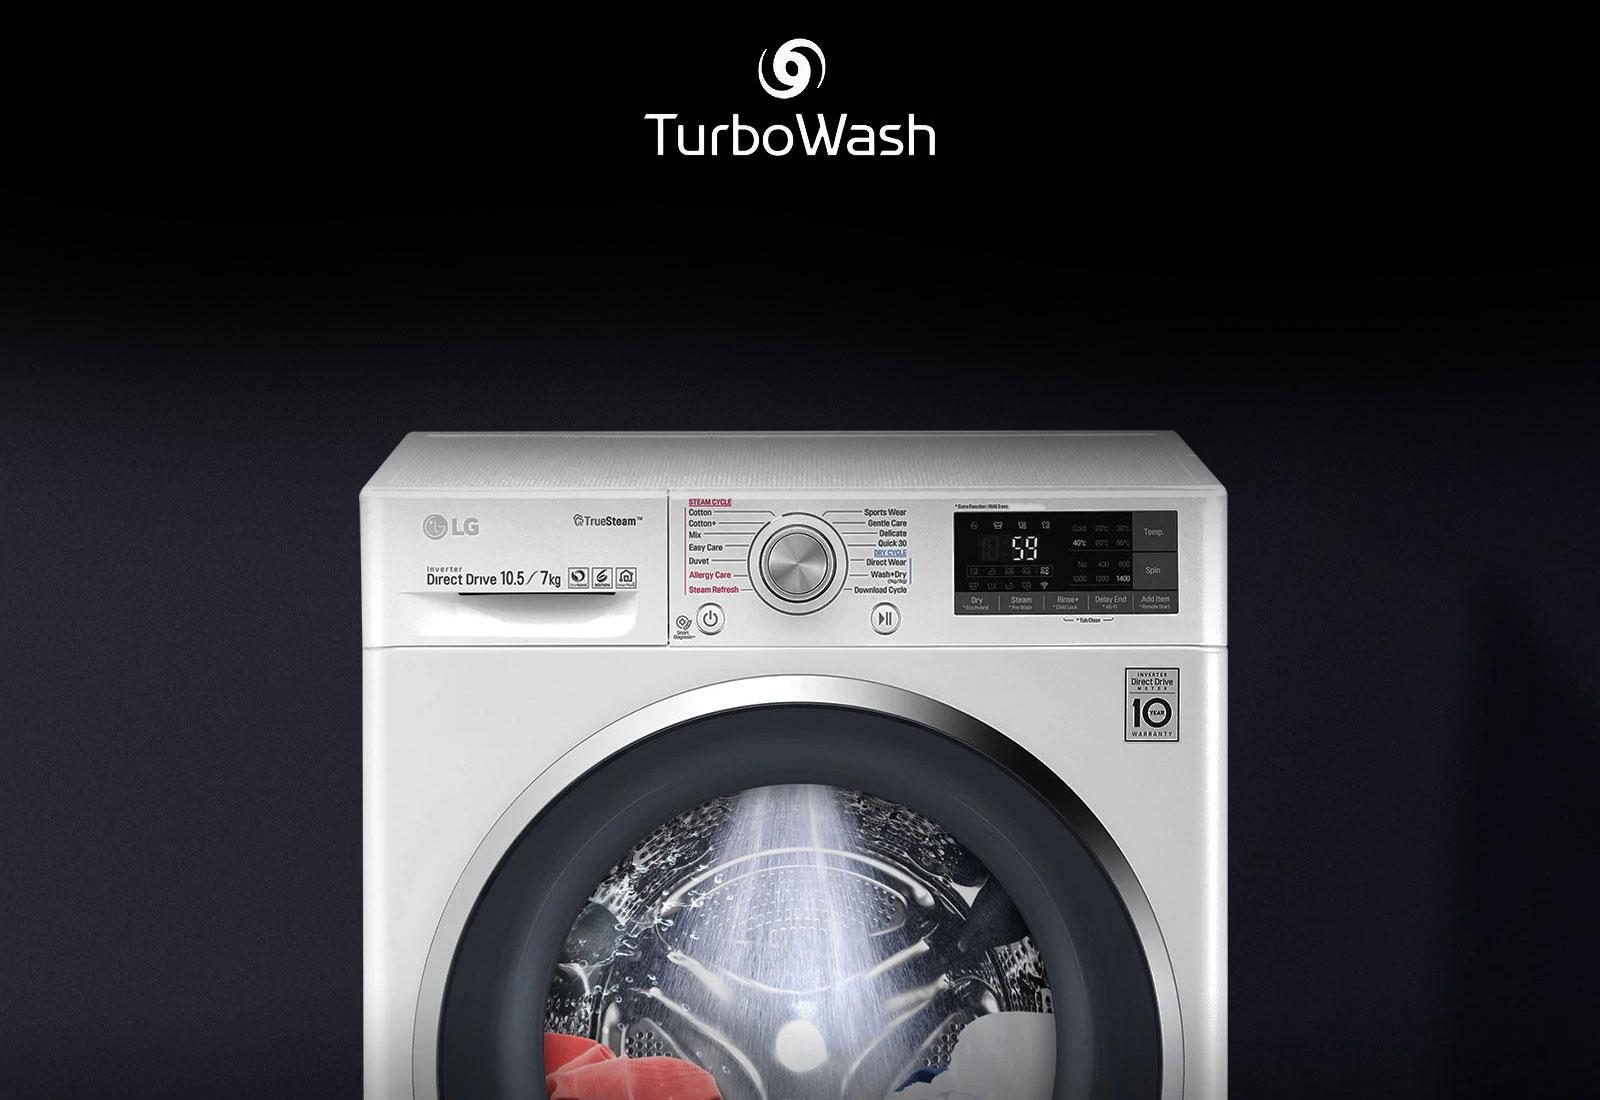 LG FHV1207ZWW Turbo Wash